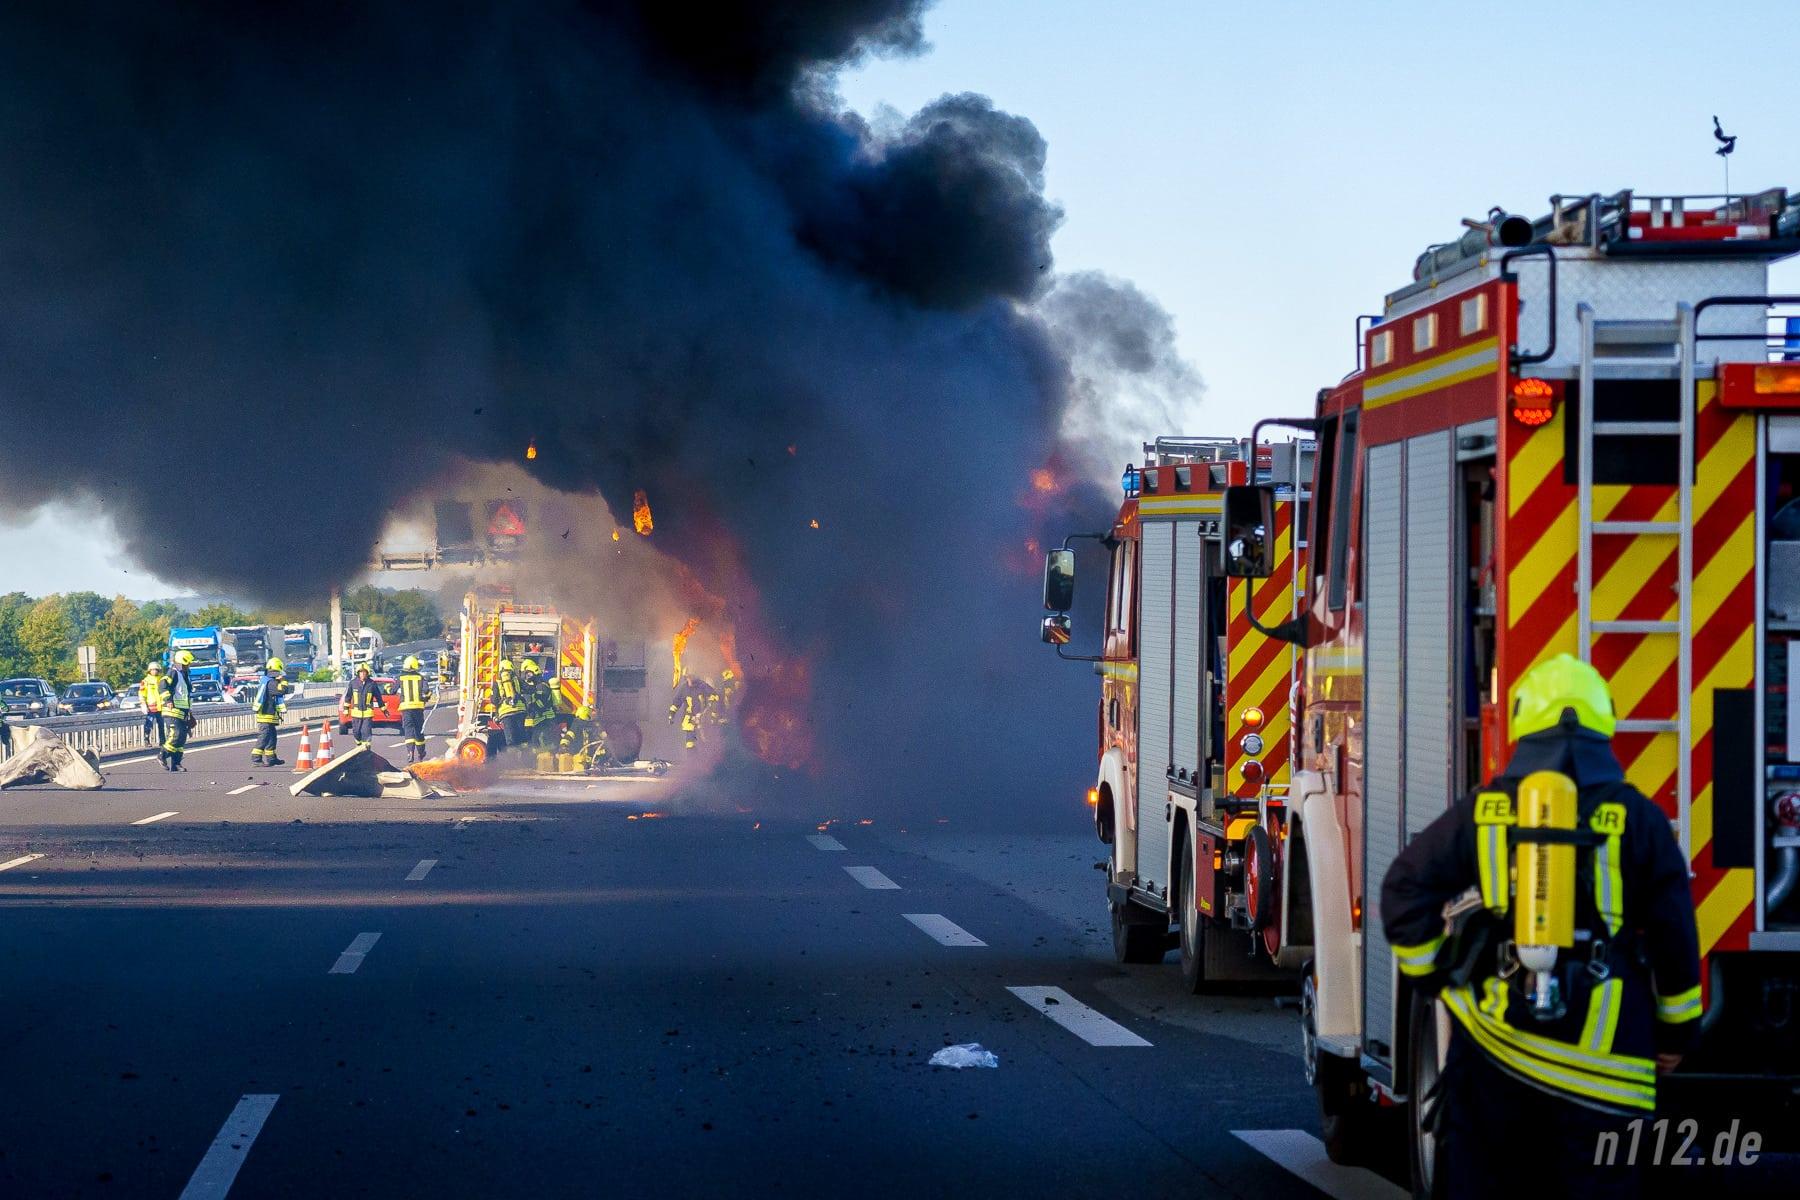 Schwarzer Rauch quillt aus dem LKW. Ein Löschfahrzeug ist am LKW vorbeigefahren, um in Windrichtung löschen zu können. (Foto: n112.de/Stefan Simonsen)